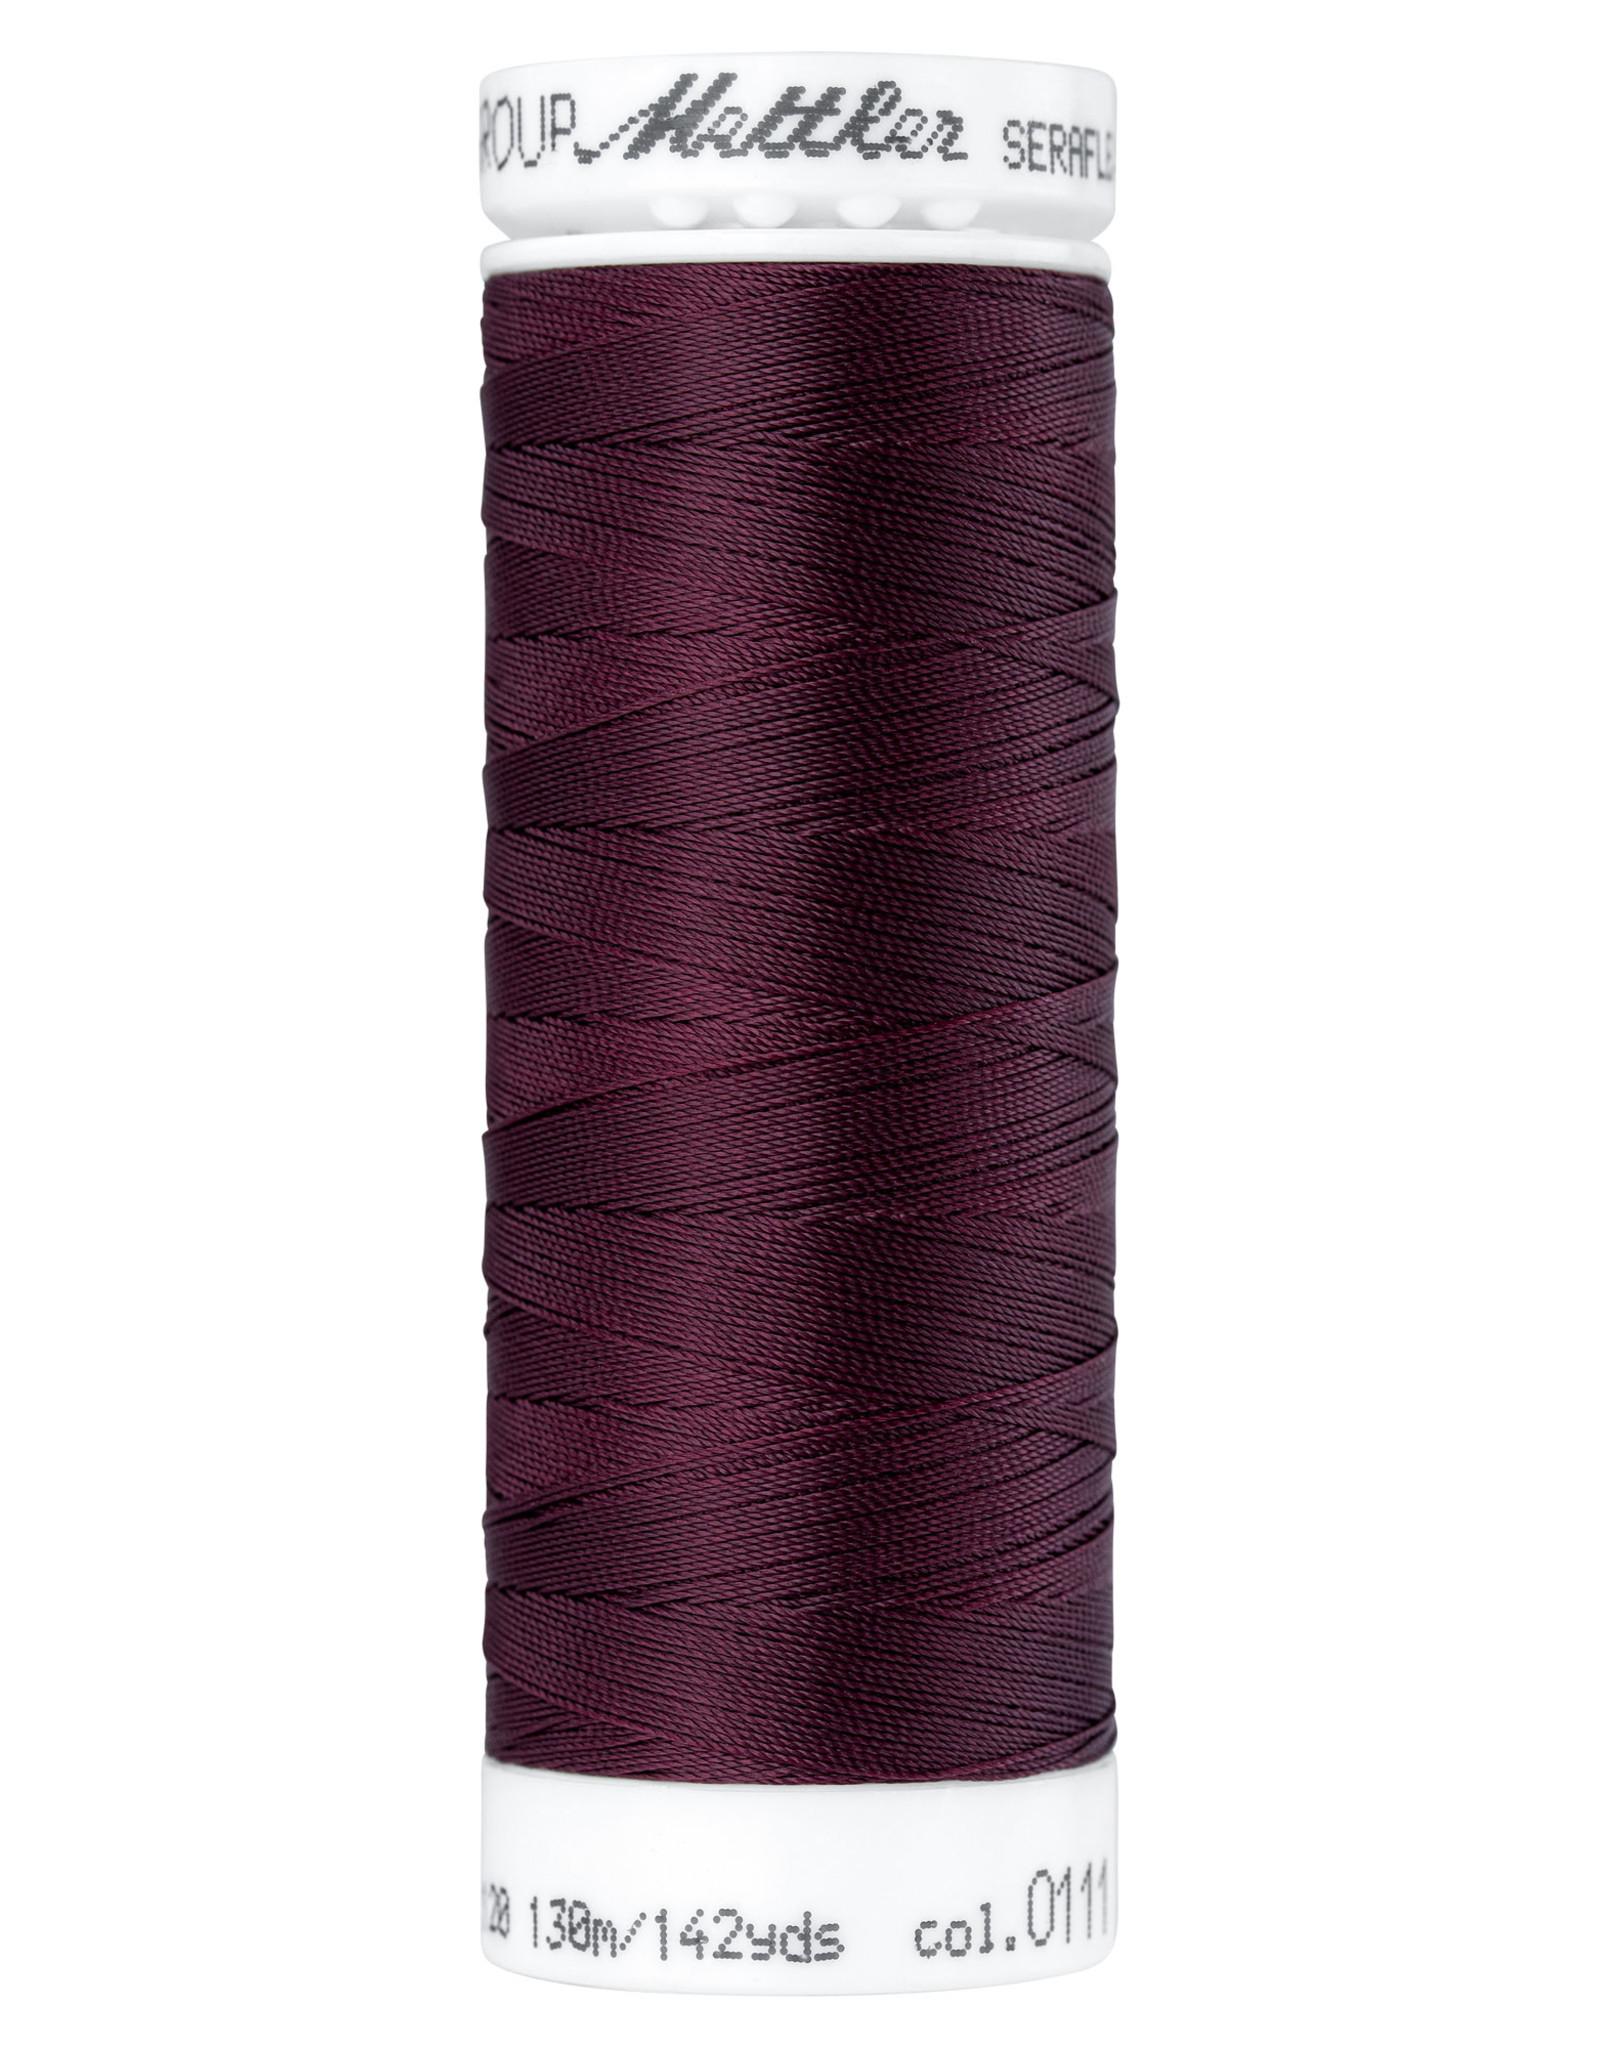 Mettler SERAFLEX elastisch naaigaren 120 130m/142yds nr 111